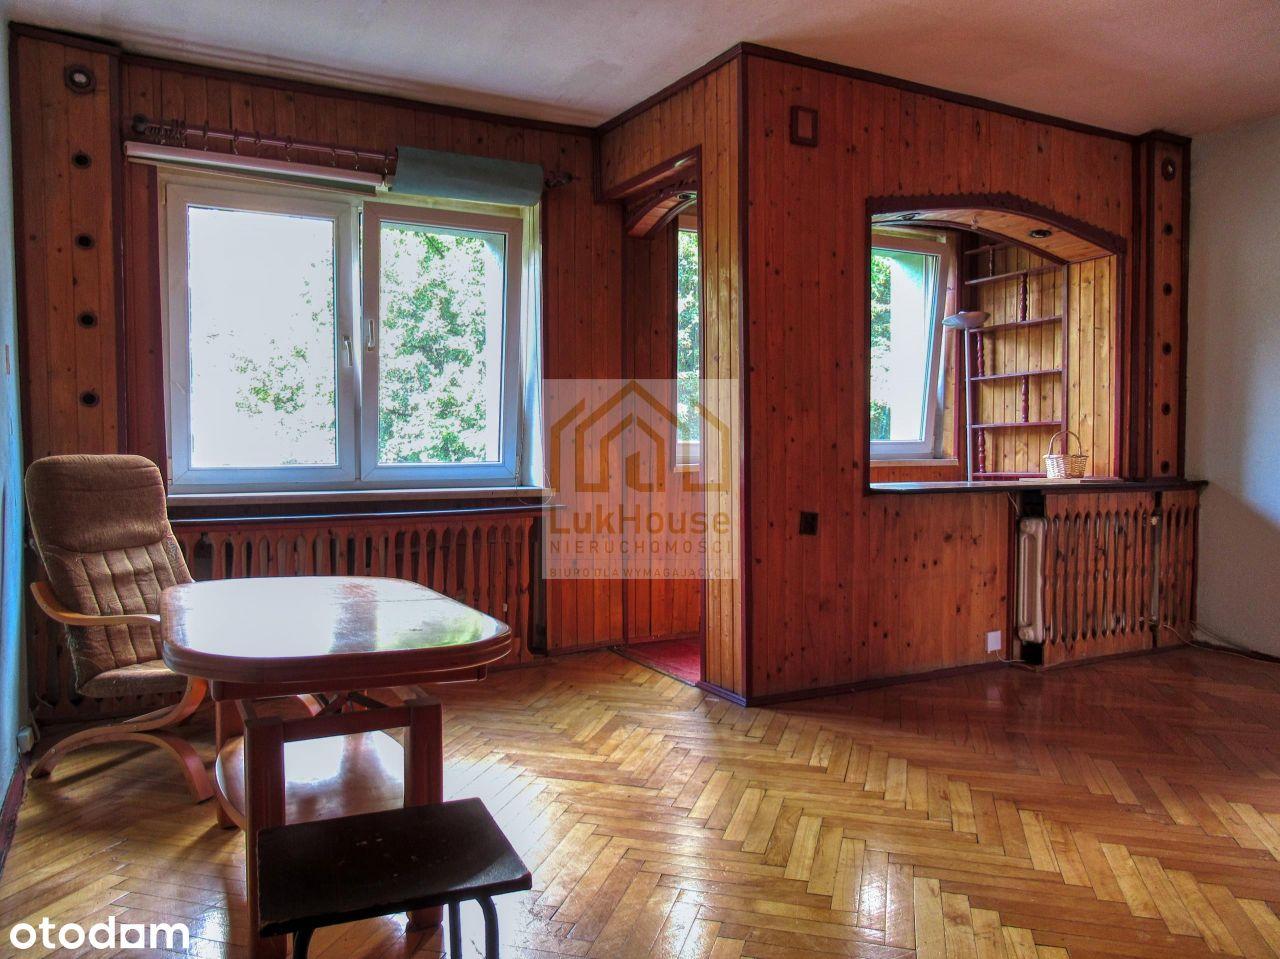 Mieszkanie 1 pokojowe przestronne ++ lokalizacja